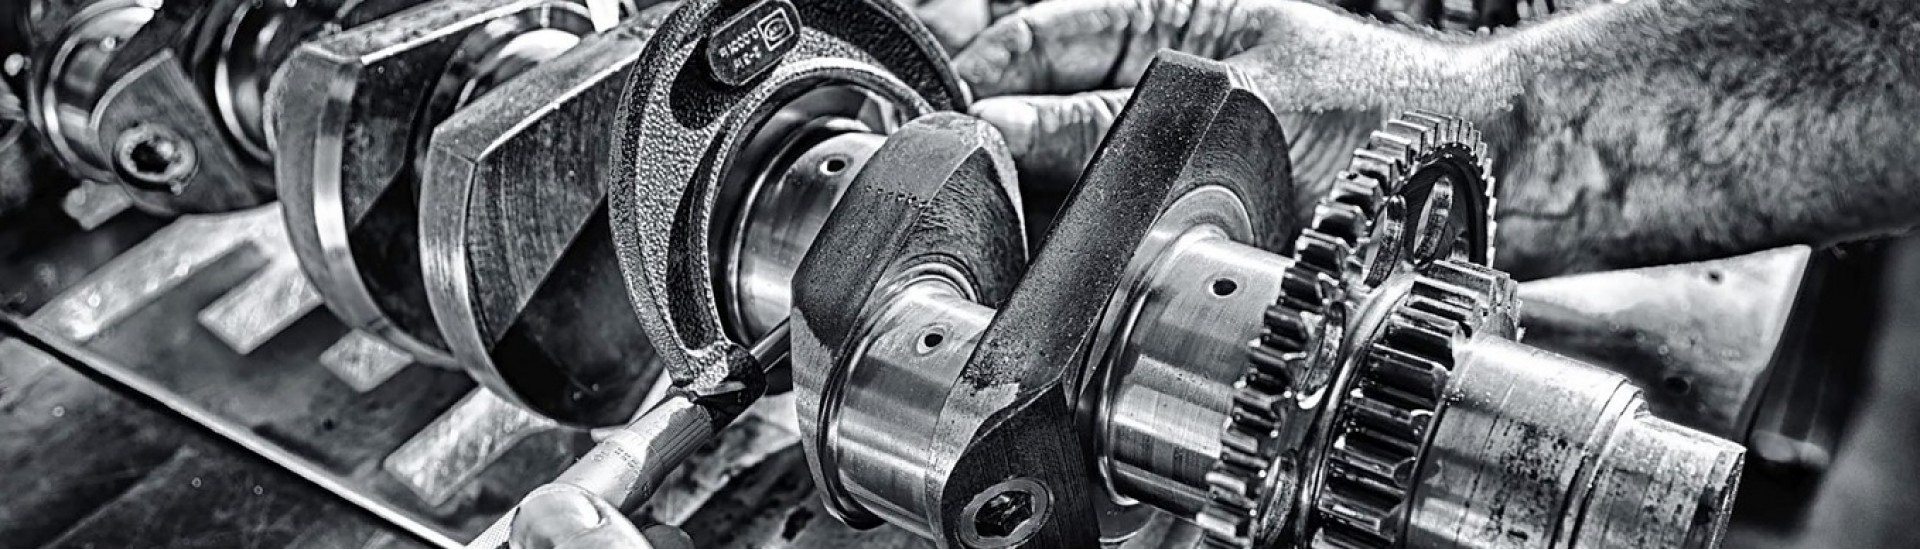 قطعات موتور ، قیمت قطعات موتور، engine parts